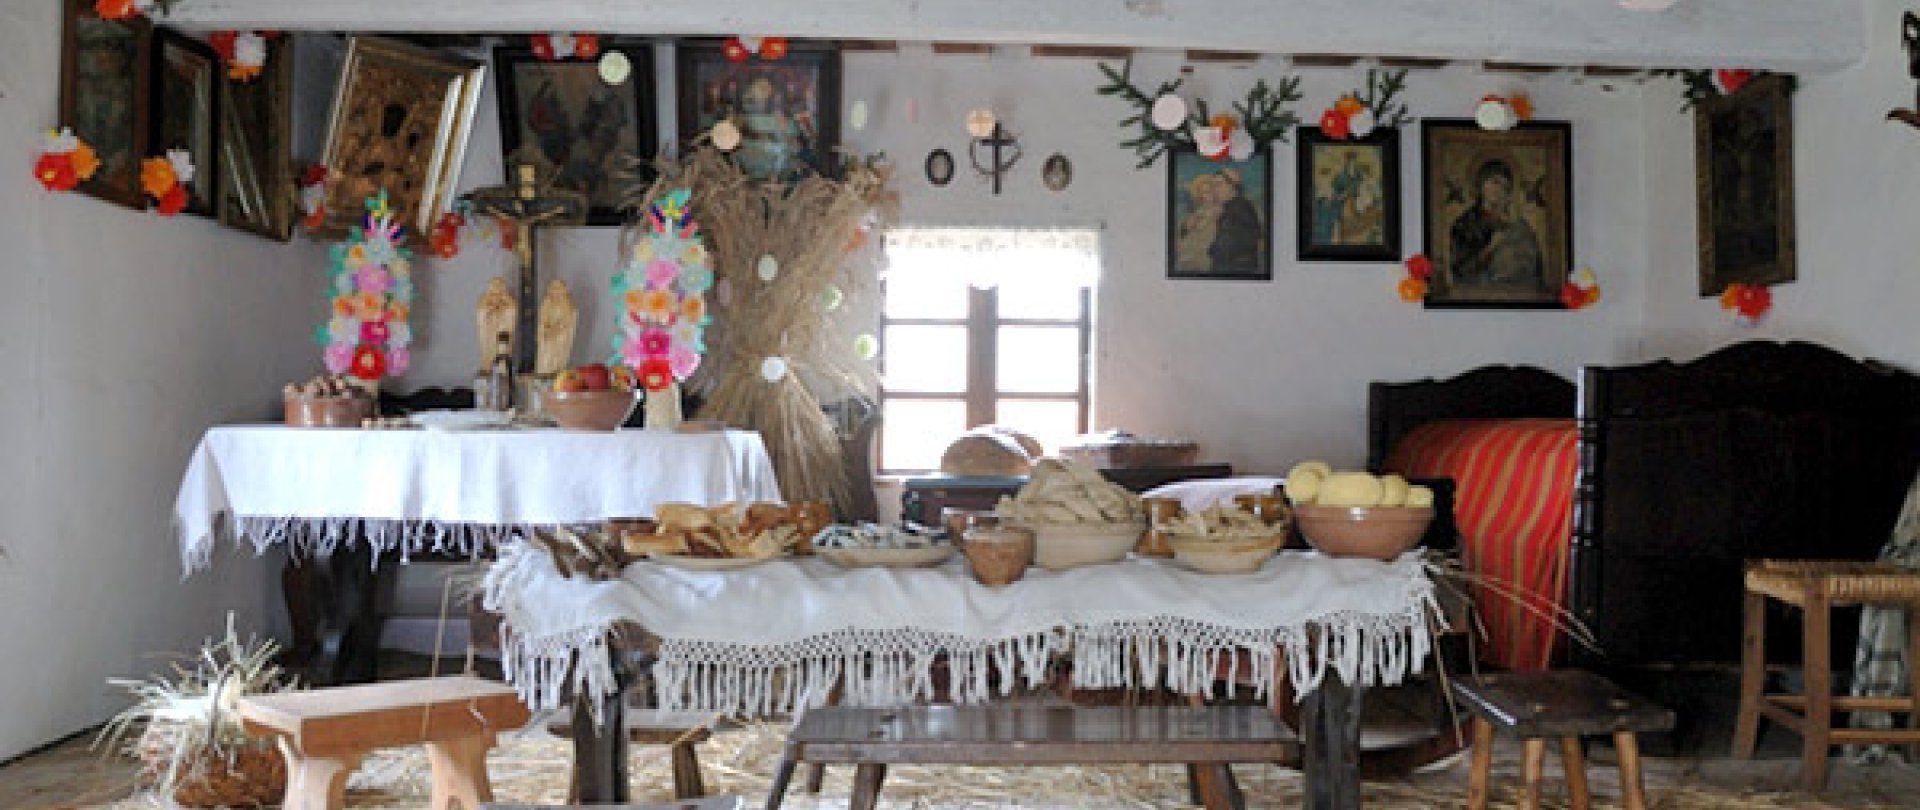 Tradycje bożonarodzeniowe na Warmii i Mazurach